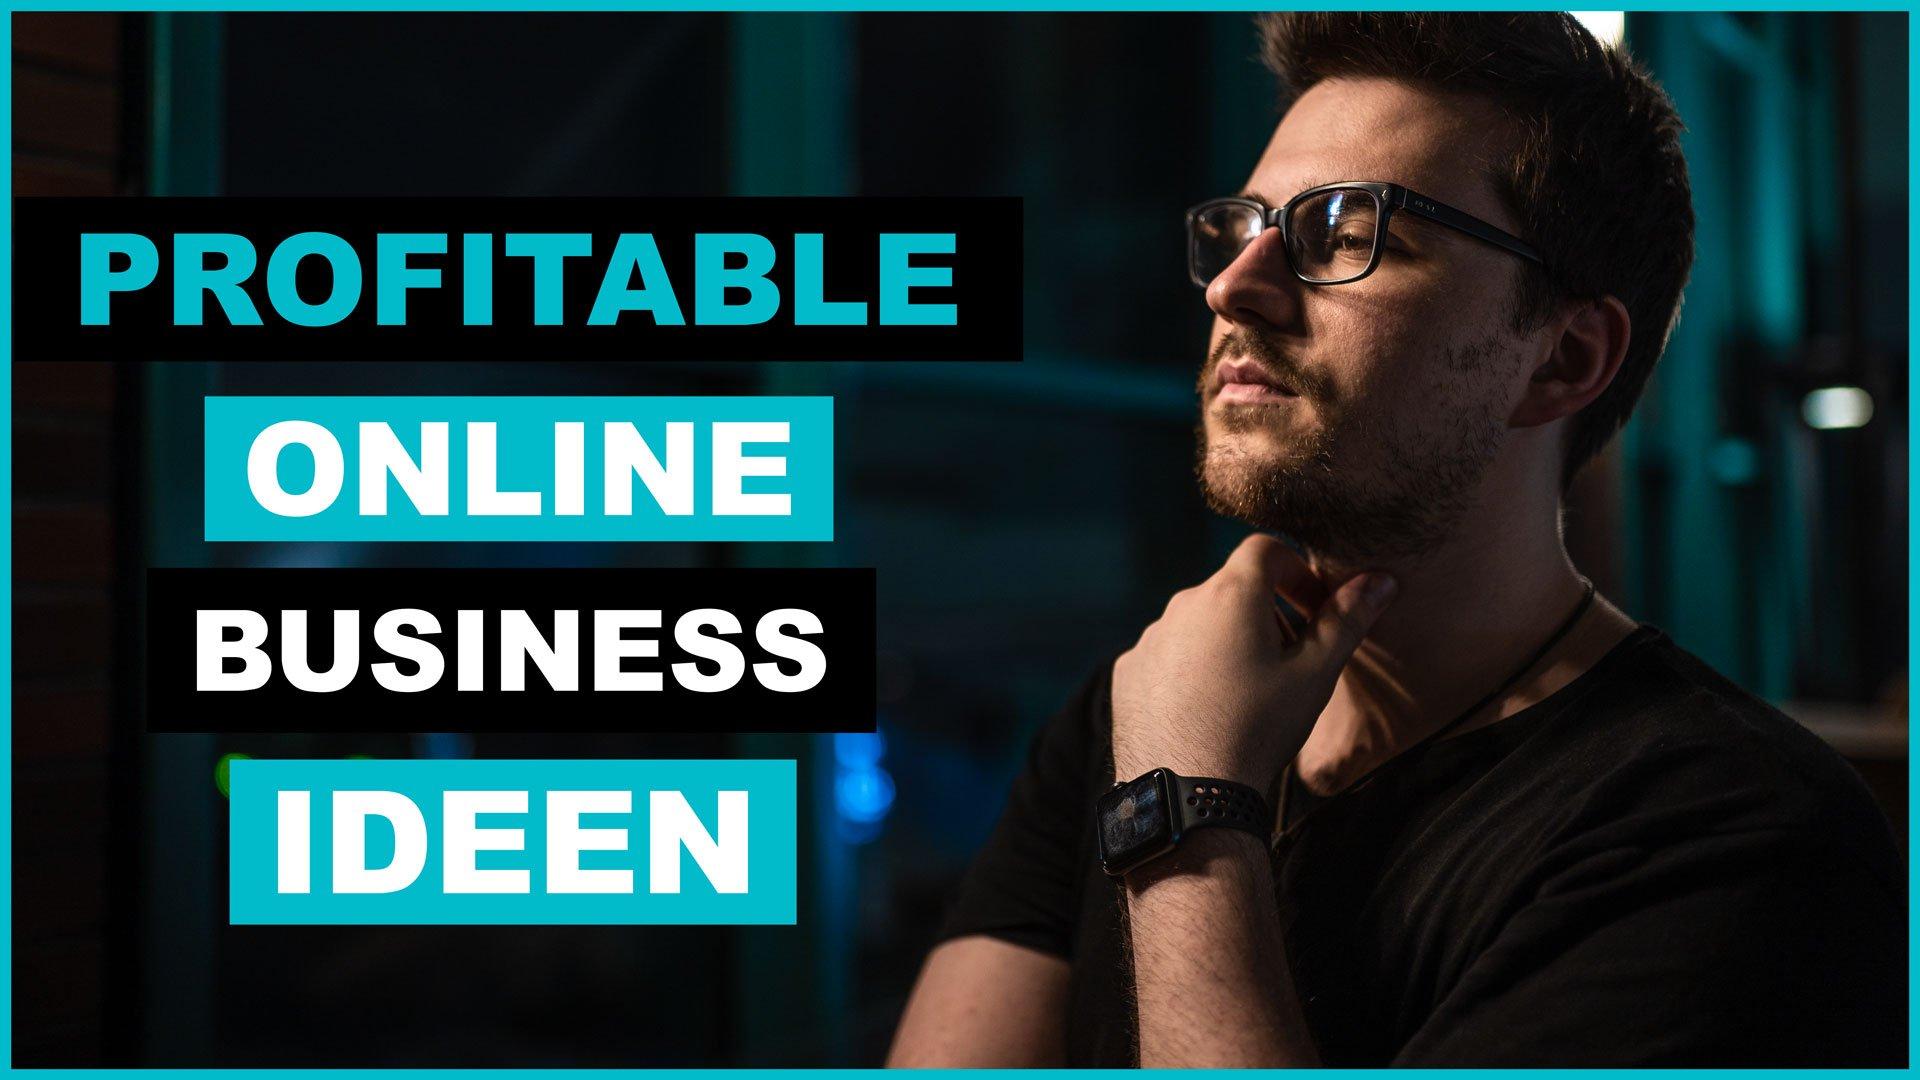 Profitable Online Business Ideen, Die Du Noch Heute Mühelos Starten Kannst